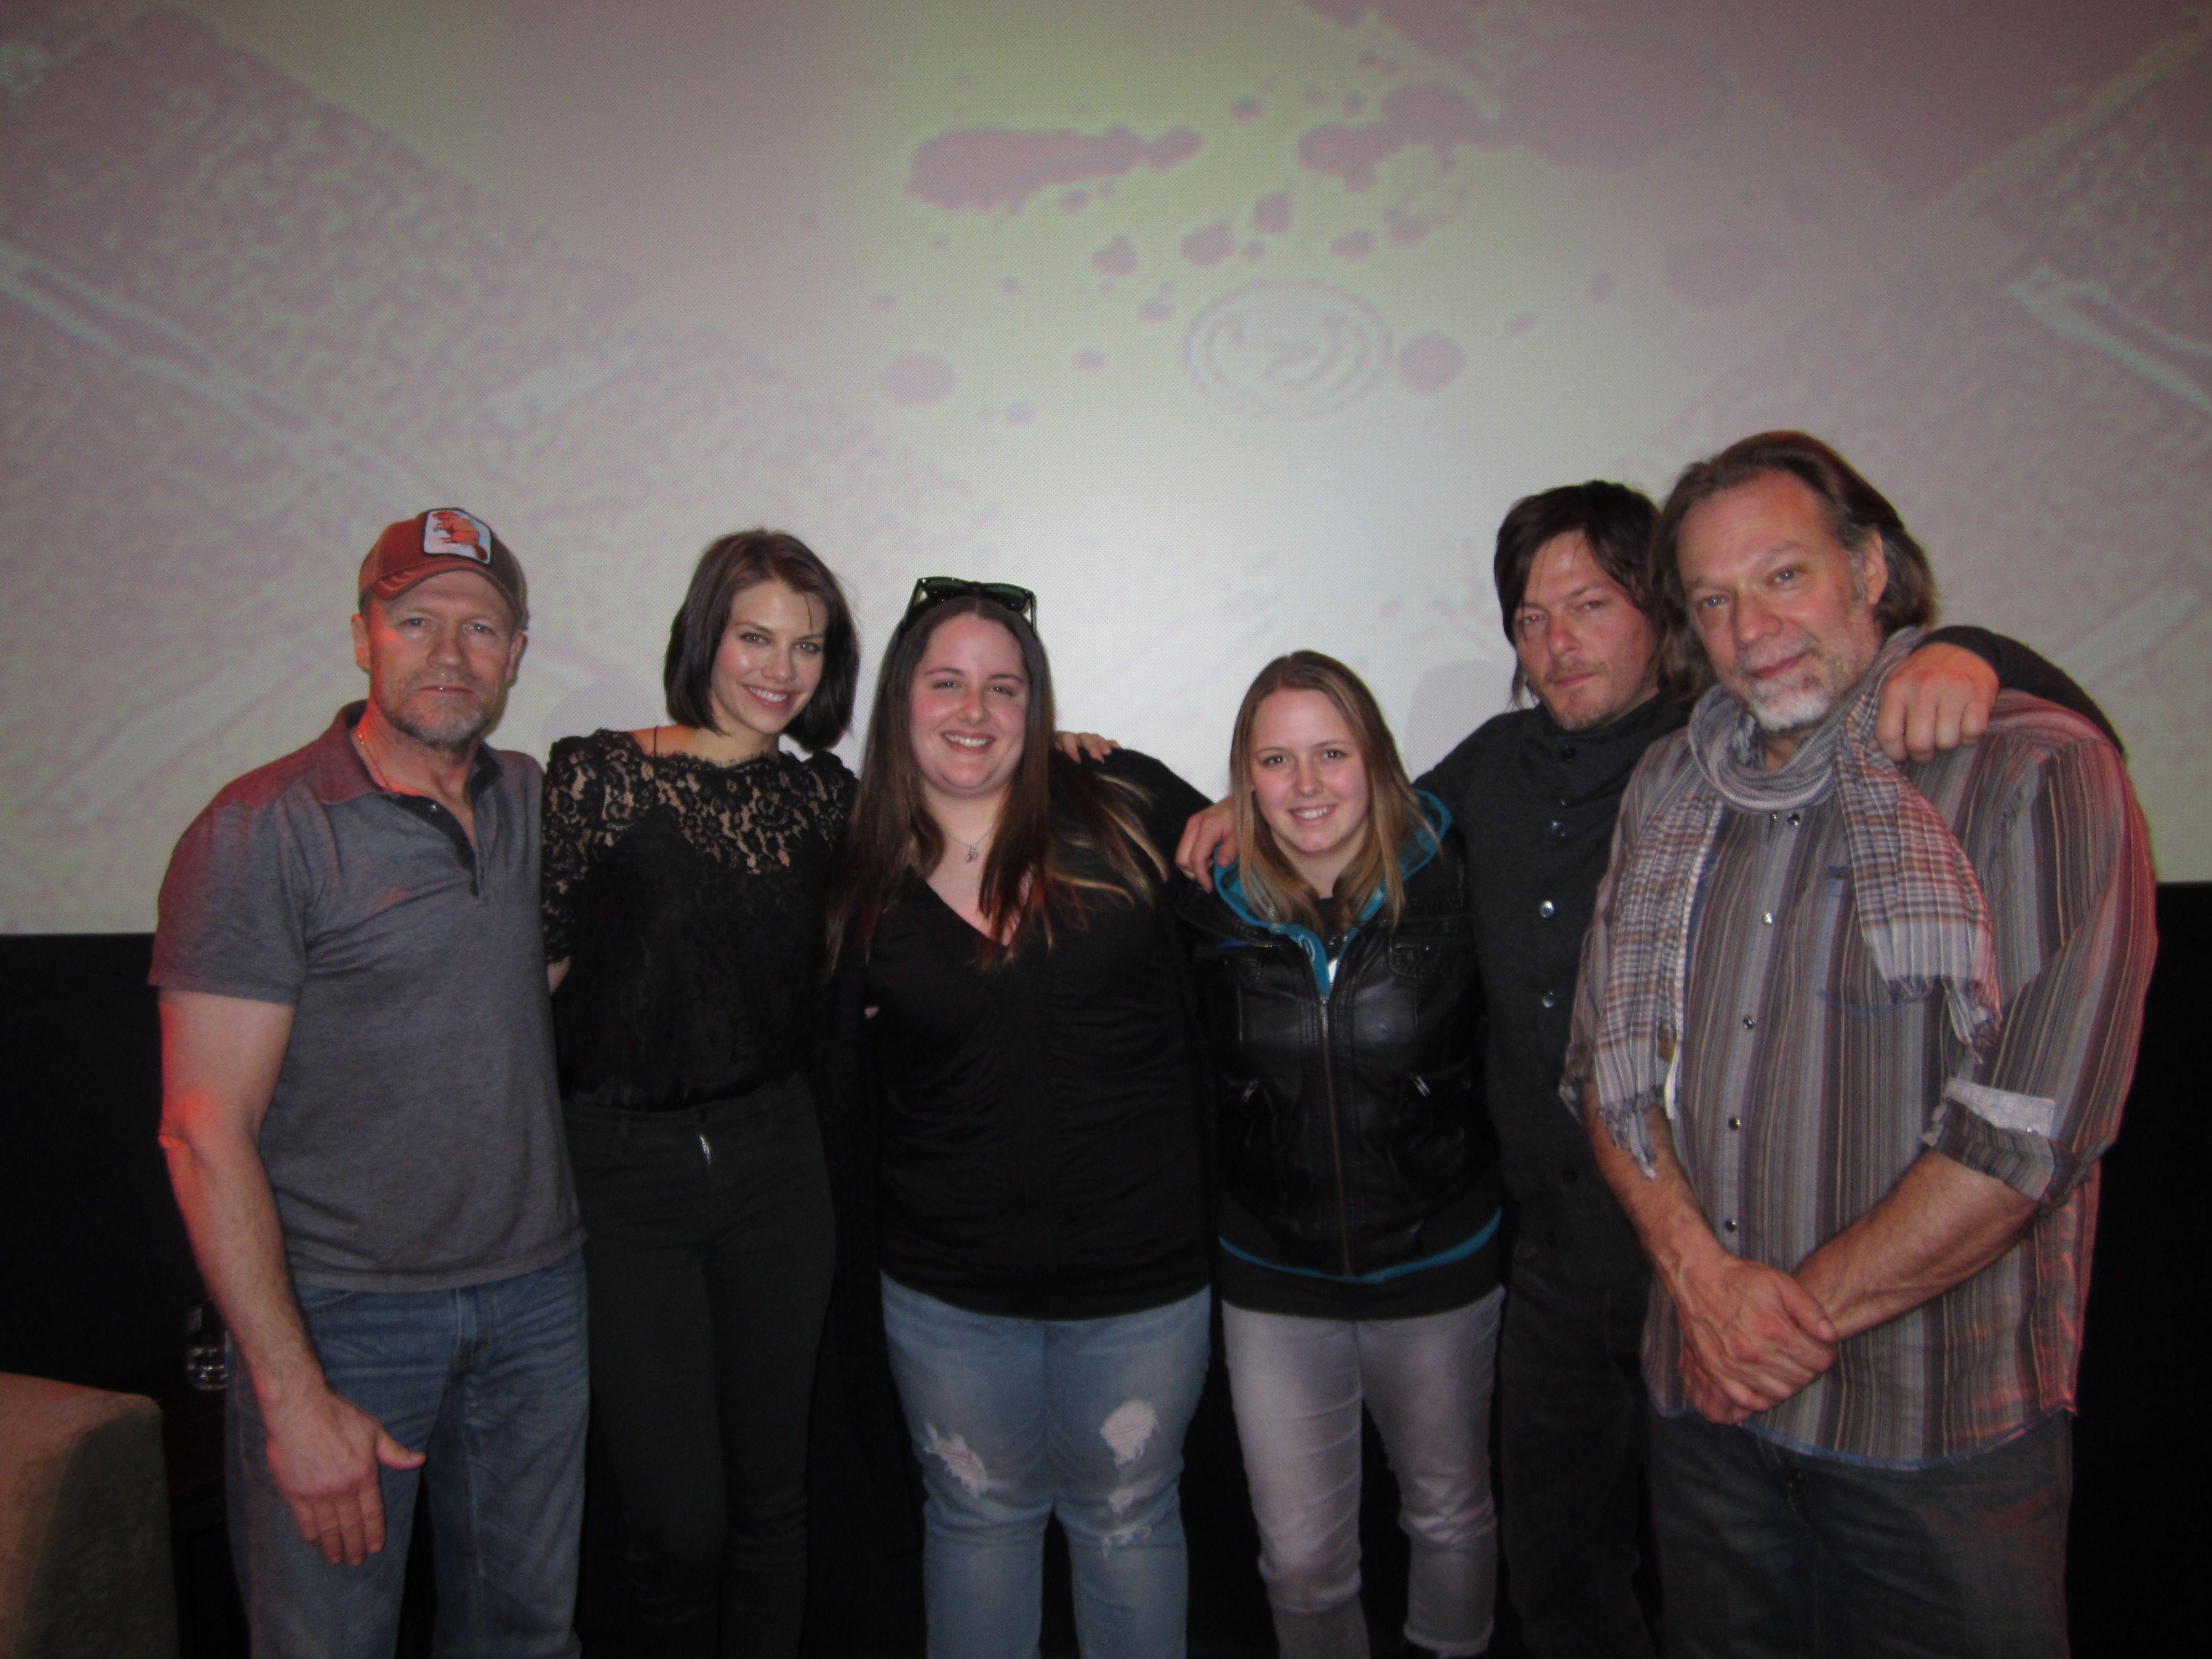 Michael Rooker, Lauren Cohan, Erica (my BFF), me, Norman